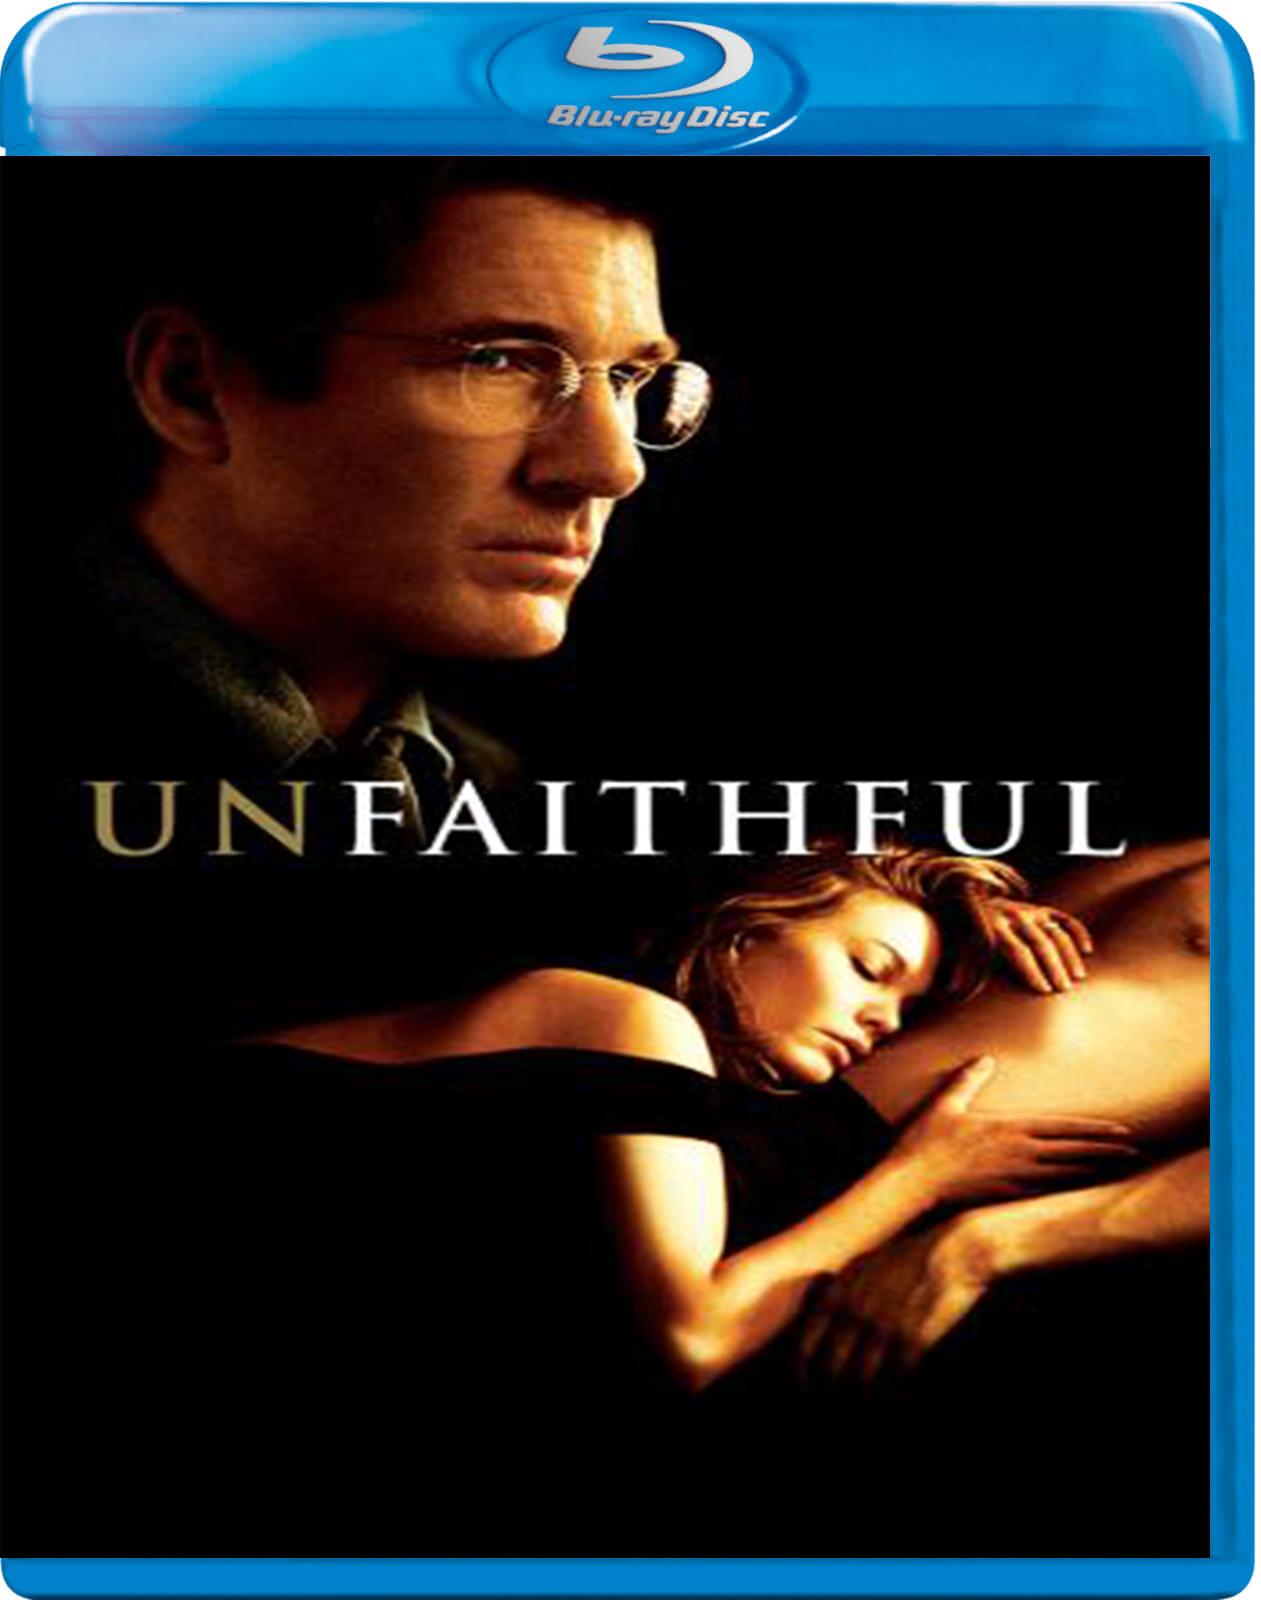 Unfaithful [2002] [BD50] [Latino]